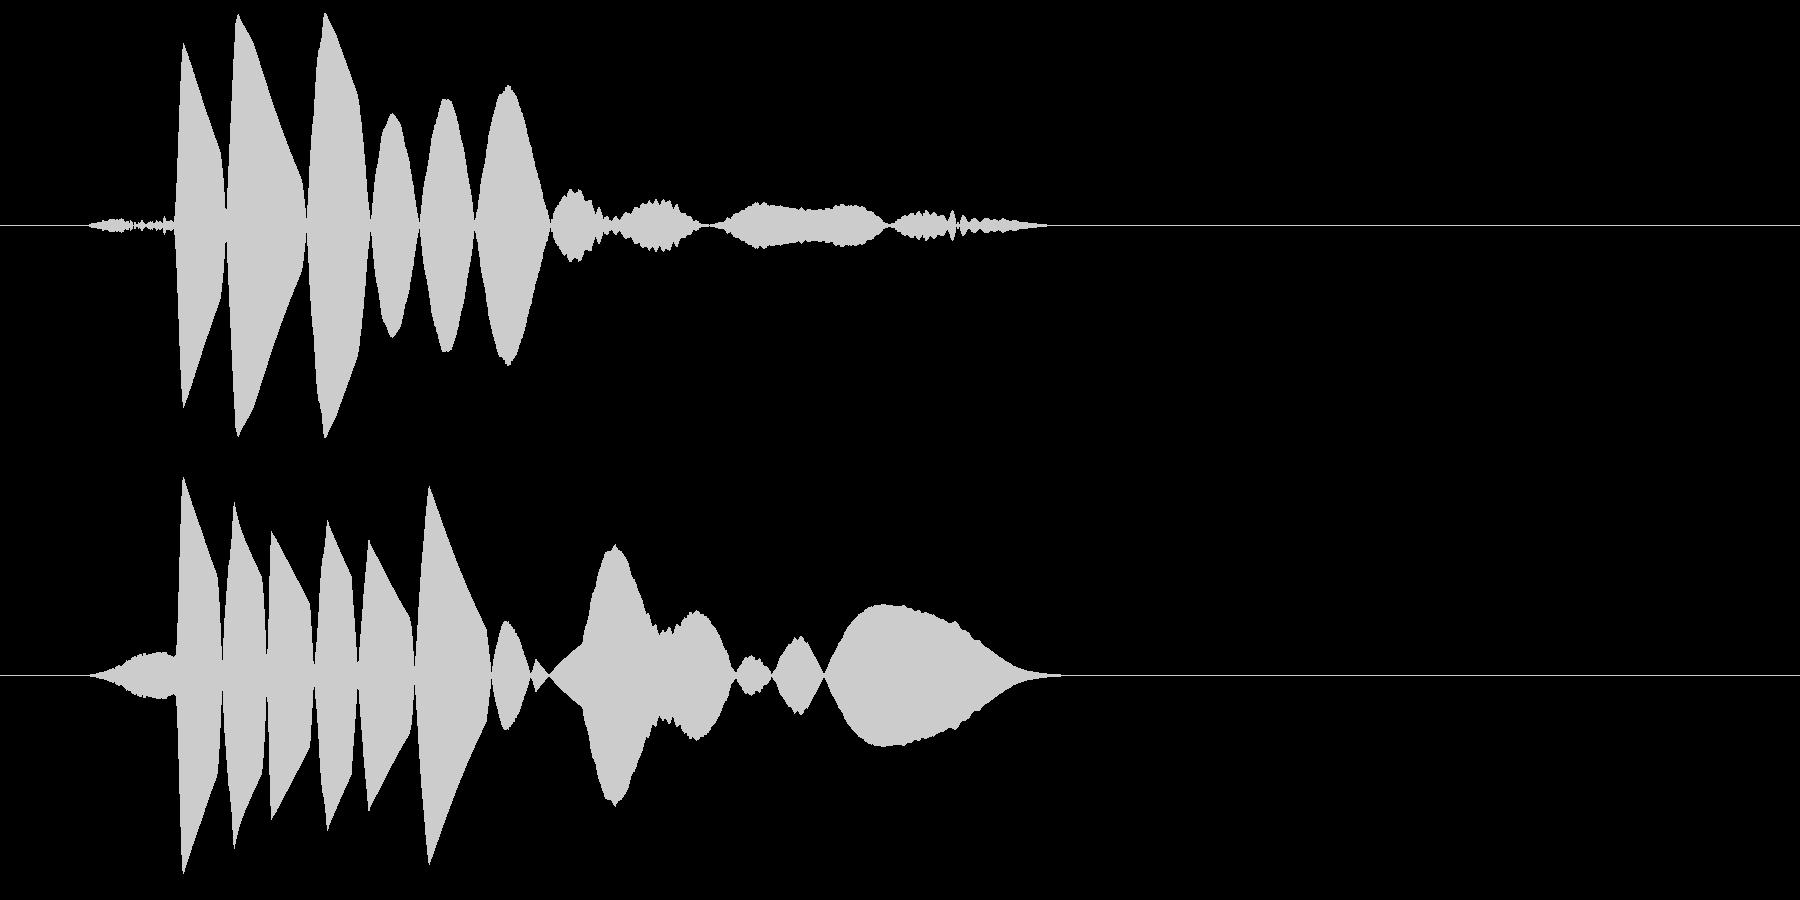 ドン(低い打撃音、物を落とした音)の未再生の波形